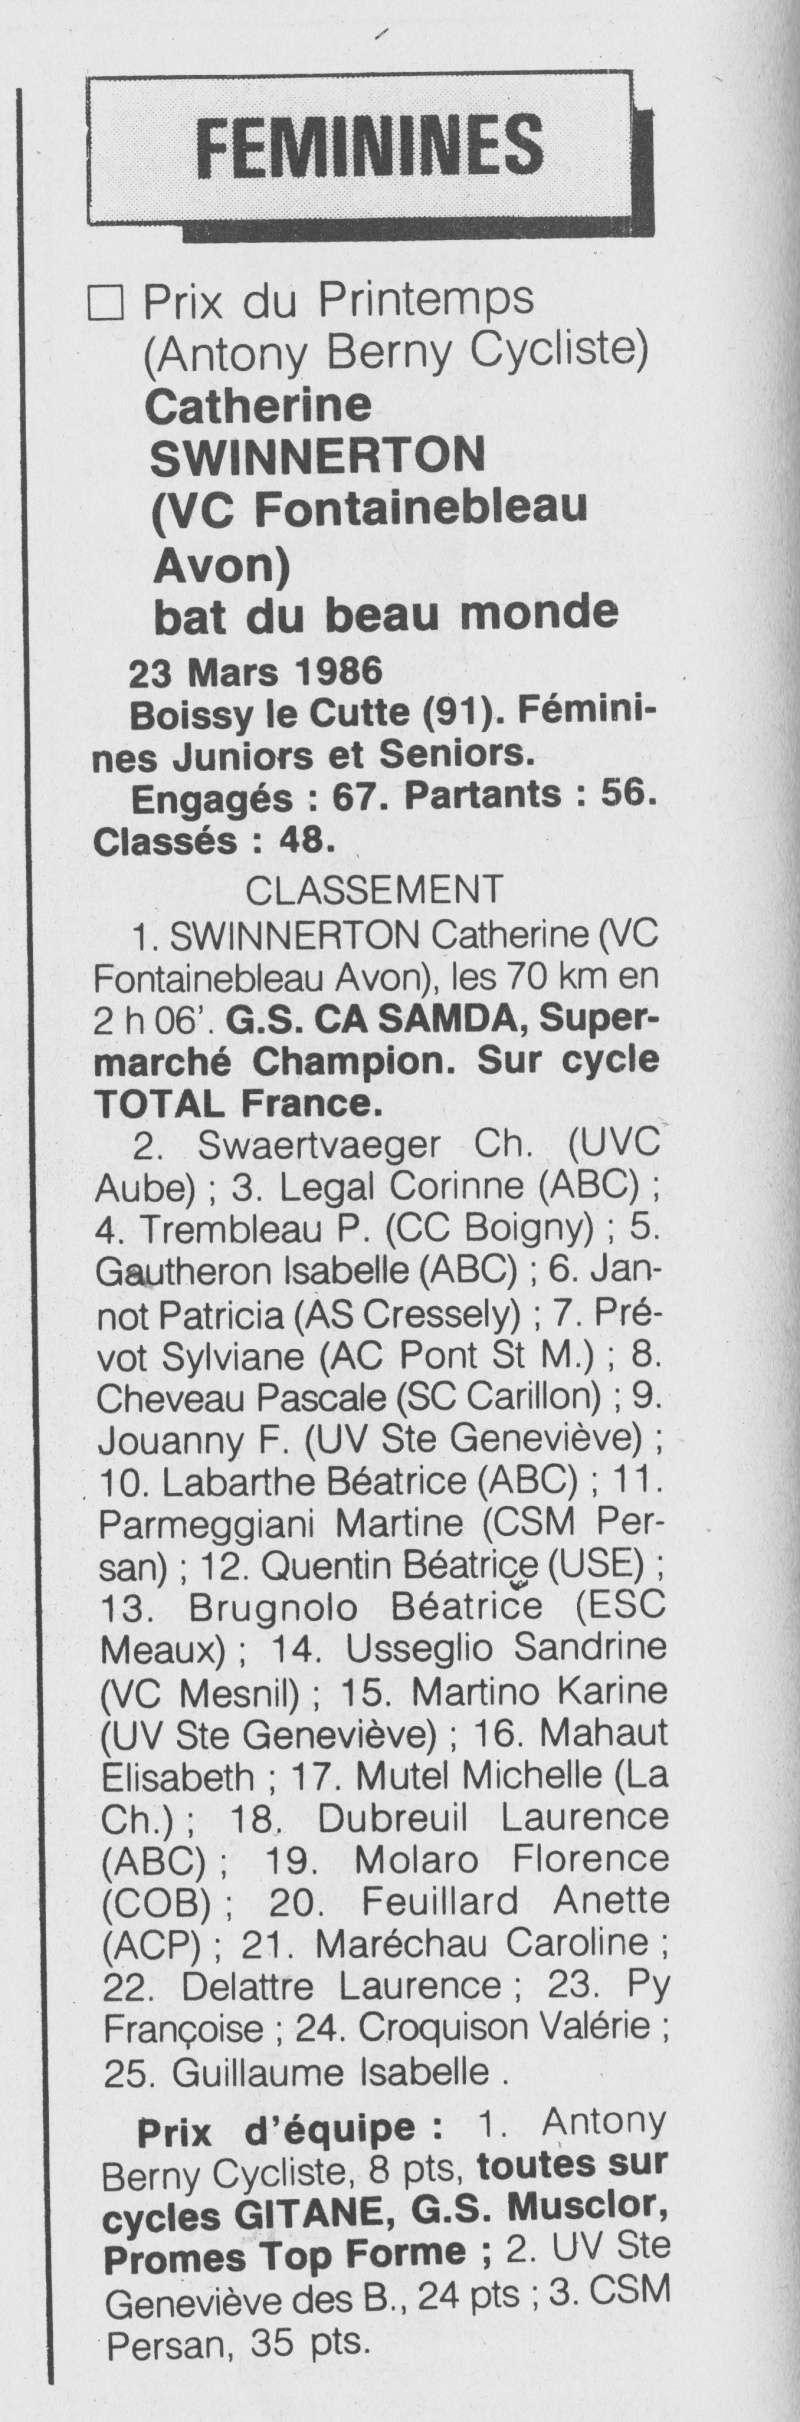 Coureurs et Clubs de février 1984 à décembre 1989 - Page 5 F2_00110